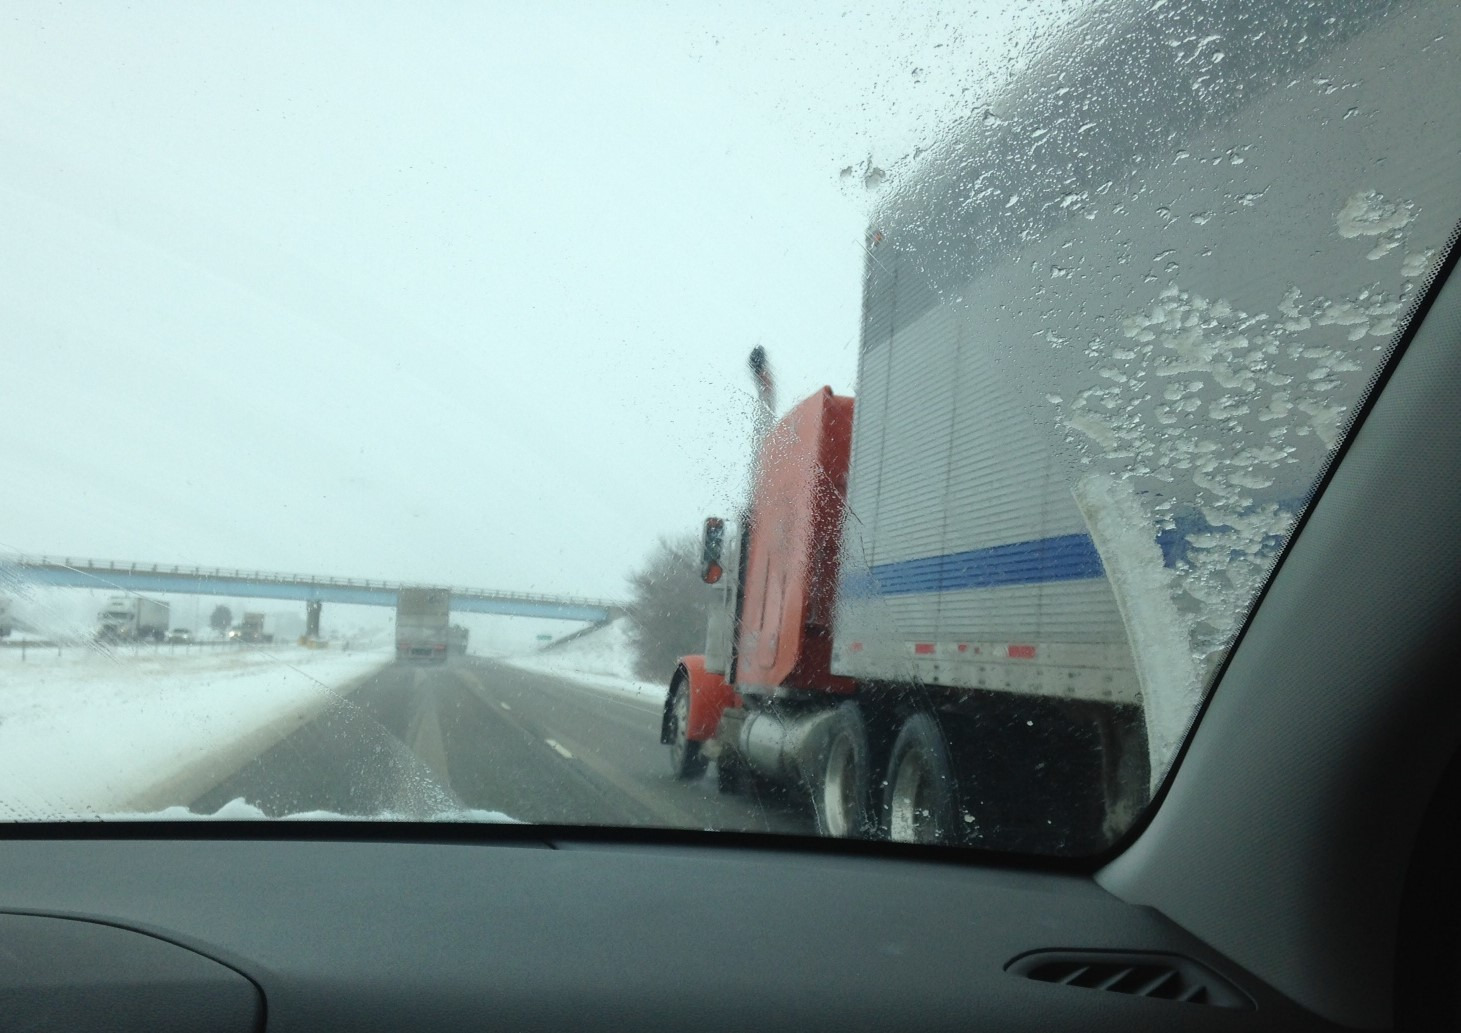 passing a truck closer